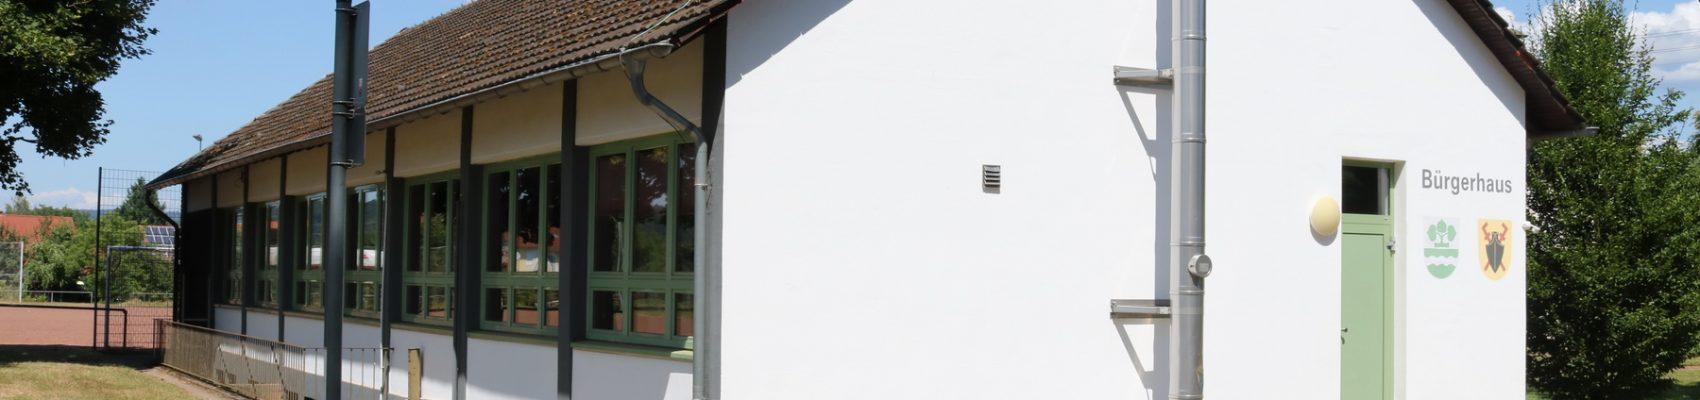 Bürgerhaus Ballern-Fitten